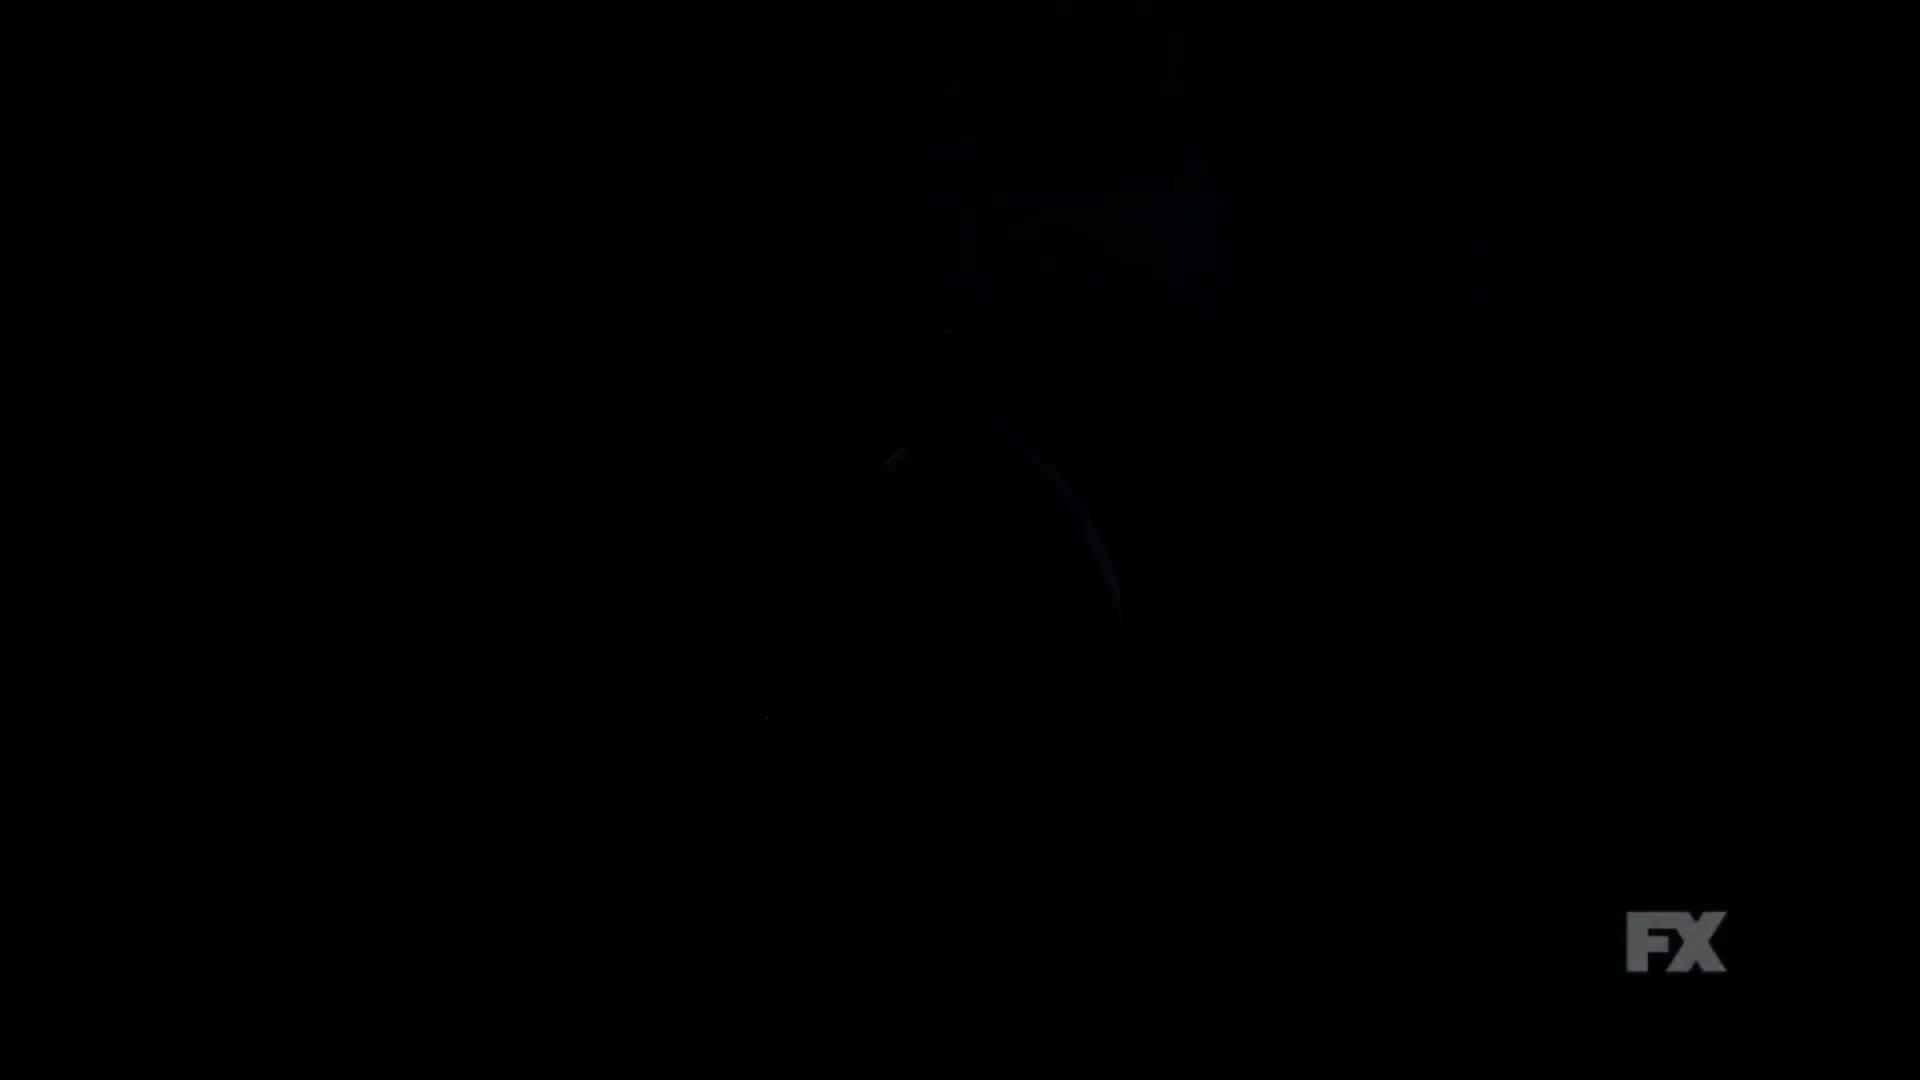 Series phim kinh dị American Horror Story mùa 8 tung teaser trailer đầu tiên